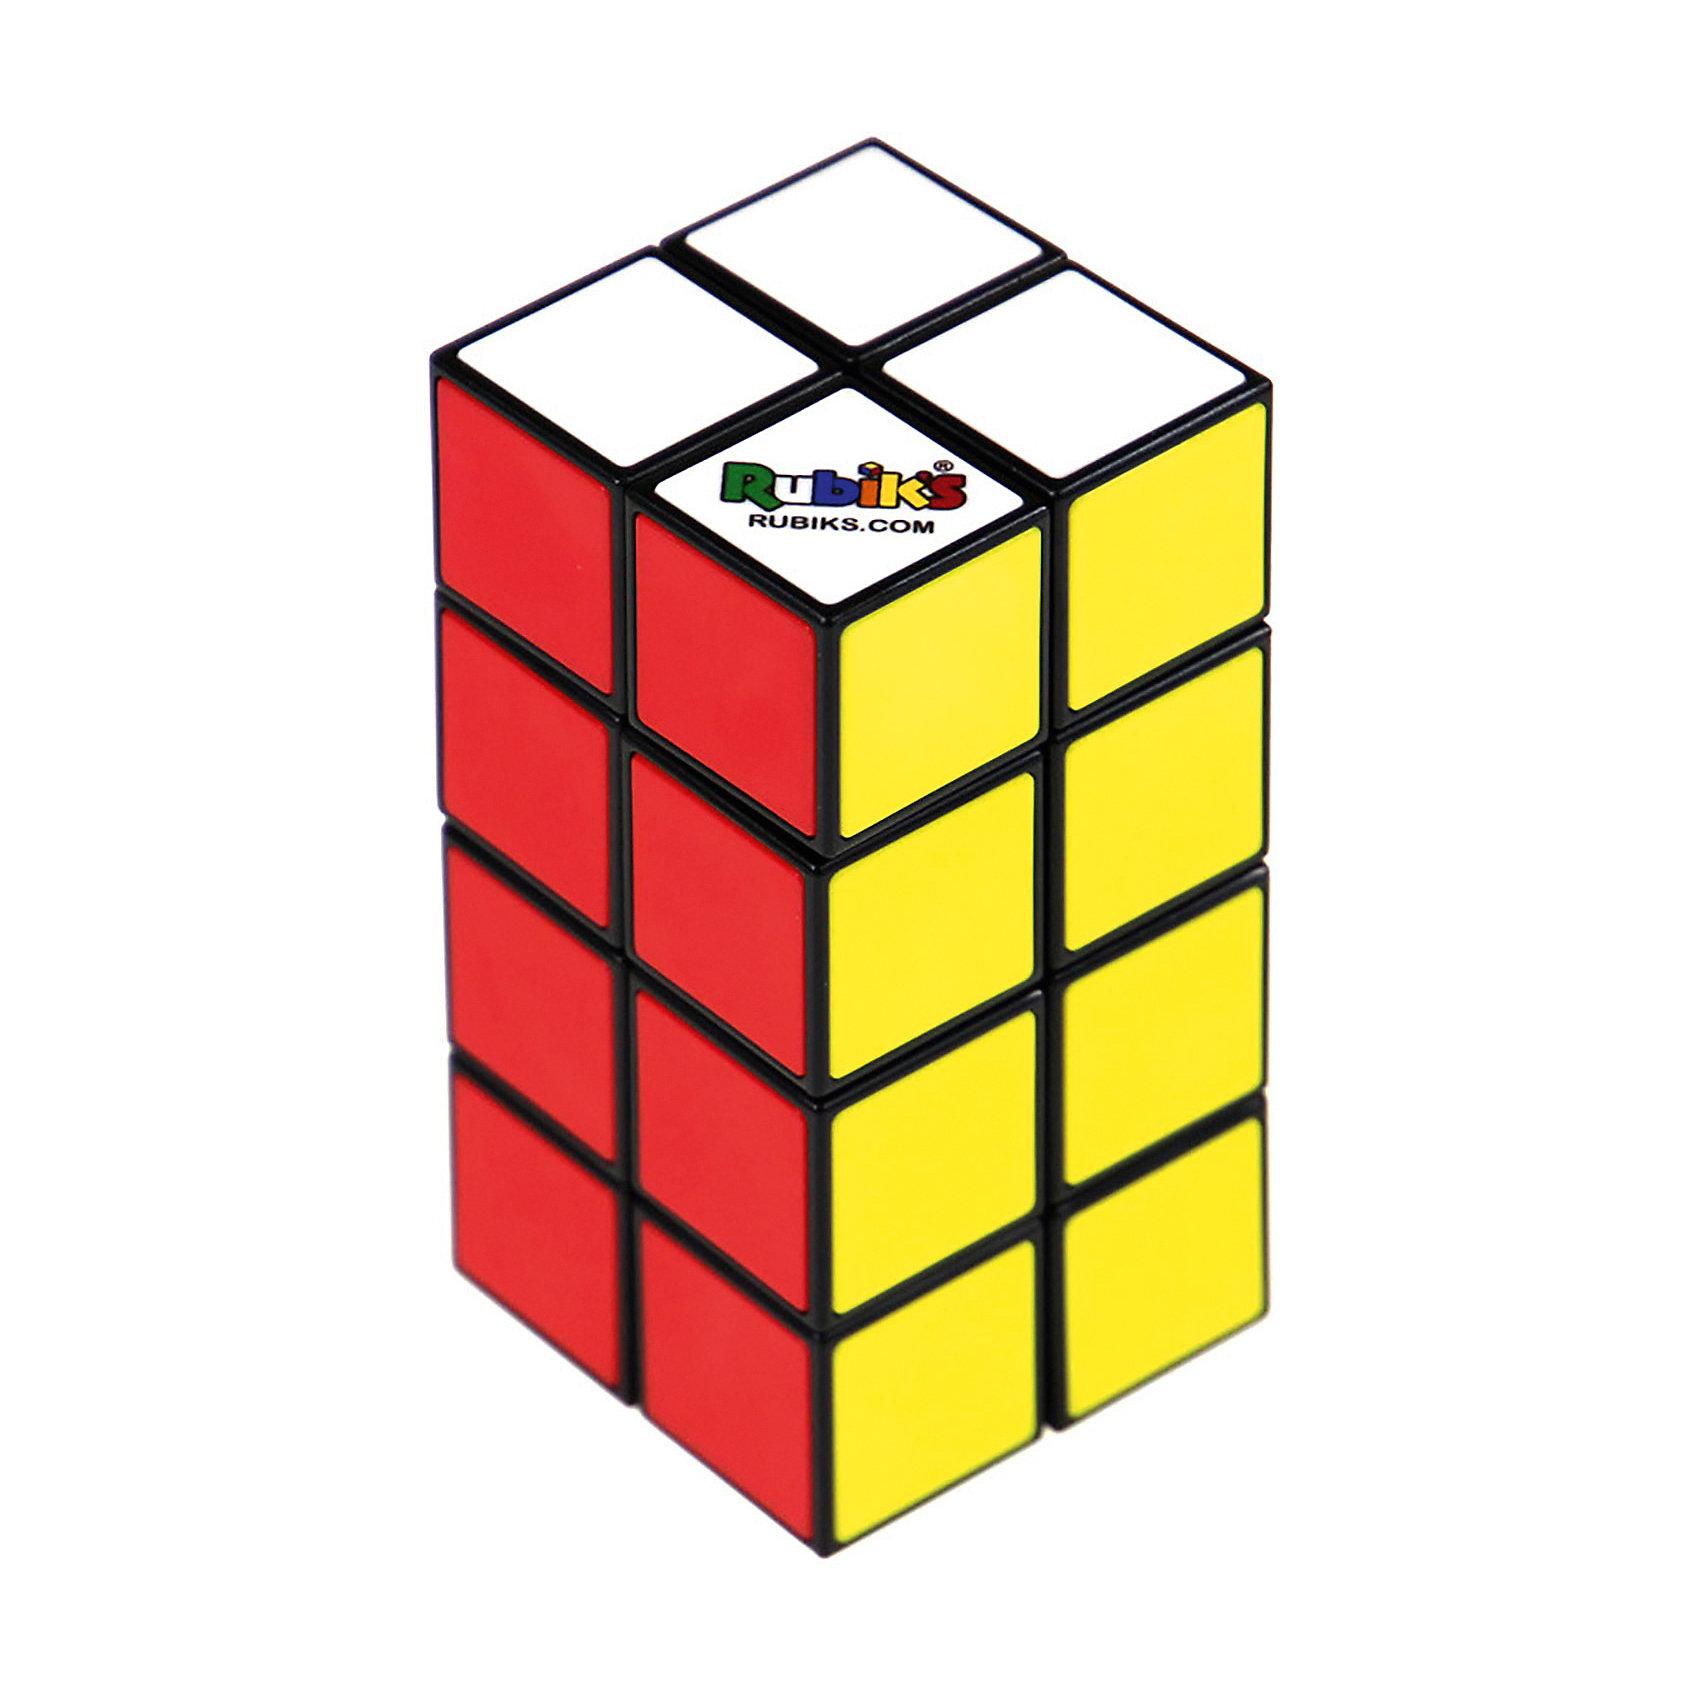 Башня Рубика 2x2x4, RubiksГоловоломки<br>Башня Рубика 2x2x4, Rubiks<br><br>Характеристика:<br><br>-Возраст: от 7 лет<br>-Размер: 9х4,5см<br>-Состав: пластик<br><br>Головоломка-трансформер с формулой 2х2х4 - крутится во всех плоскостях, по принципу кубика Рубика, но с гораздо более сложным и необычным механизмом! Помимо классической задачи собрать игрушку по цветам, существует возможность упростить задачу и просто создавать причудливые формы. Отличный подарок любителям головоломок, дизайнерских новинок и редких, необычных вещей!  <br><br>Башня Рубика 2x2x4, Rubiks можно приобрести в нашем интернет-магазине.<br><br>Ширина мм: 130<br>Глубина мм: 90<br>Высота мм: 79<br>Вес г: 155<br>Возраст от месяцев: 96<br>Возраст до месяцев: 228<br>Пол: Унисекс<br>Возраст: Детский<br>SKU: 2262503